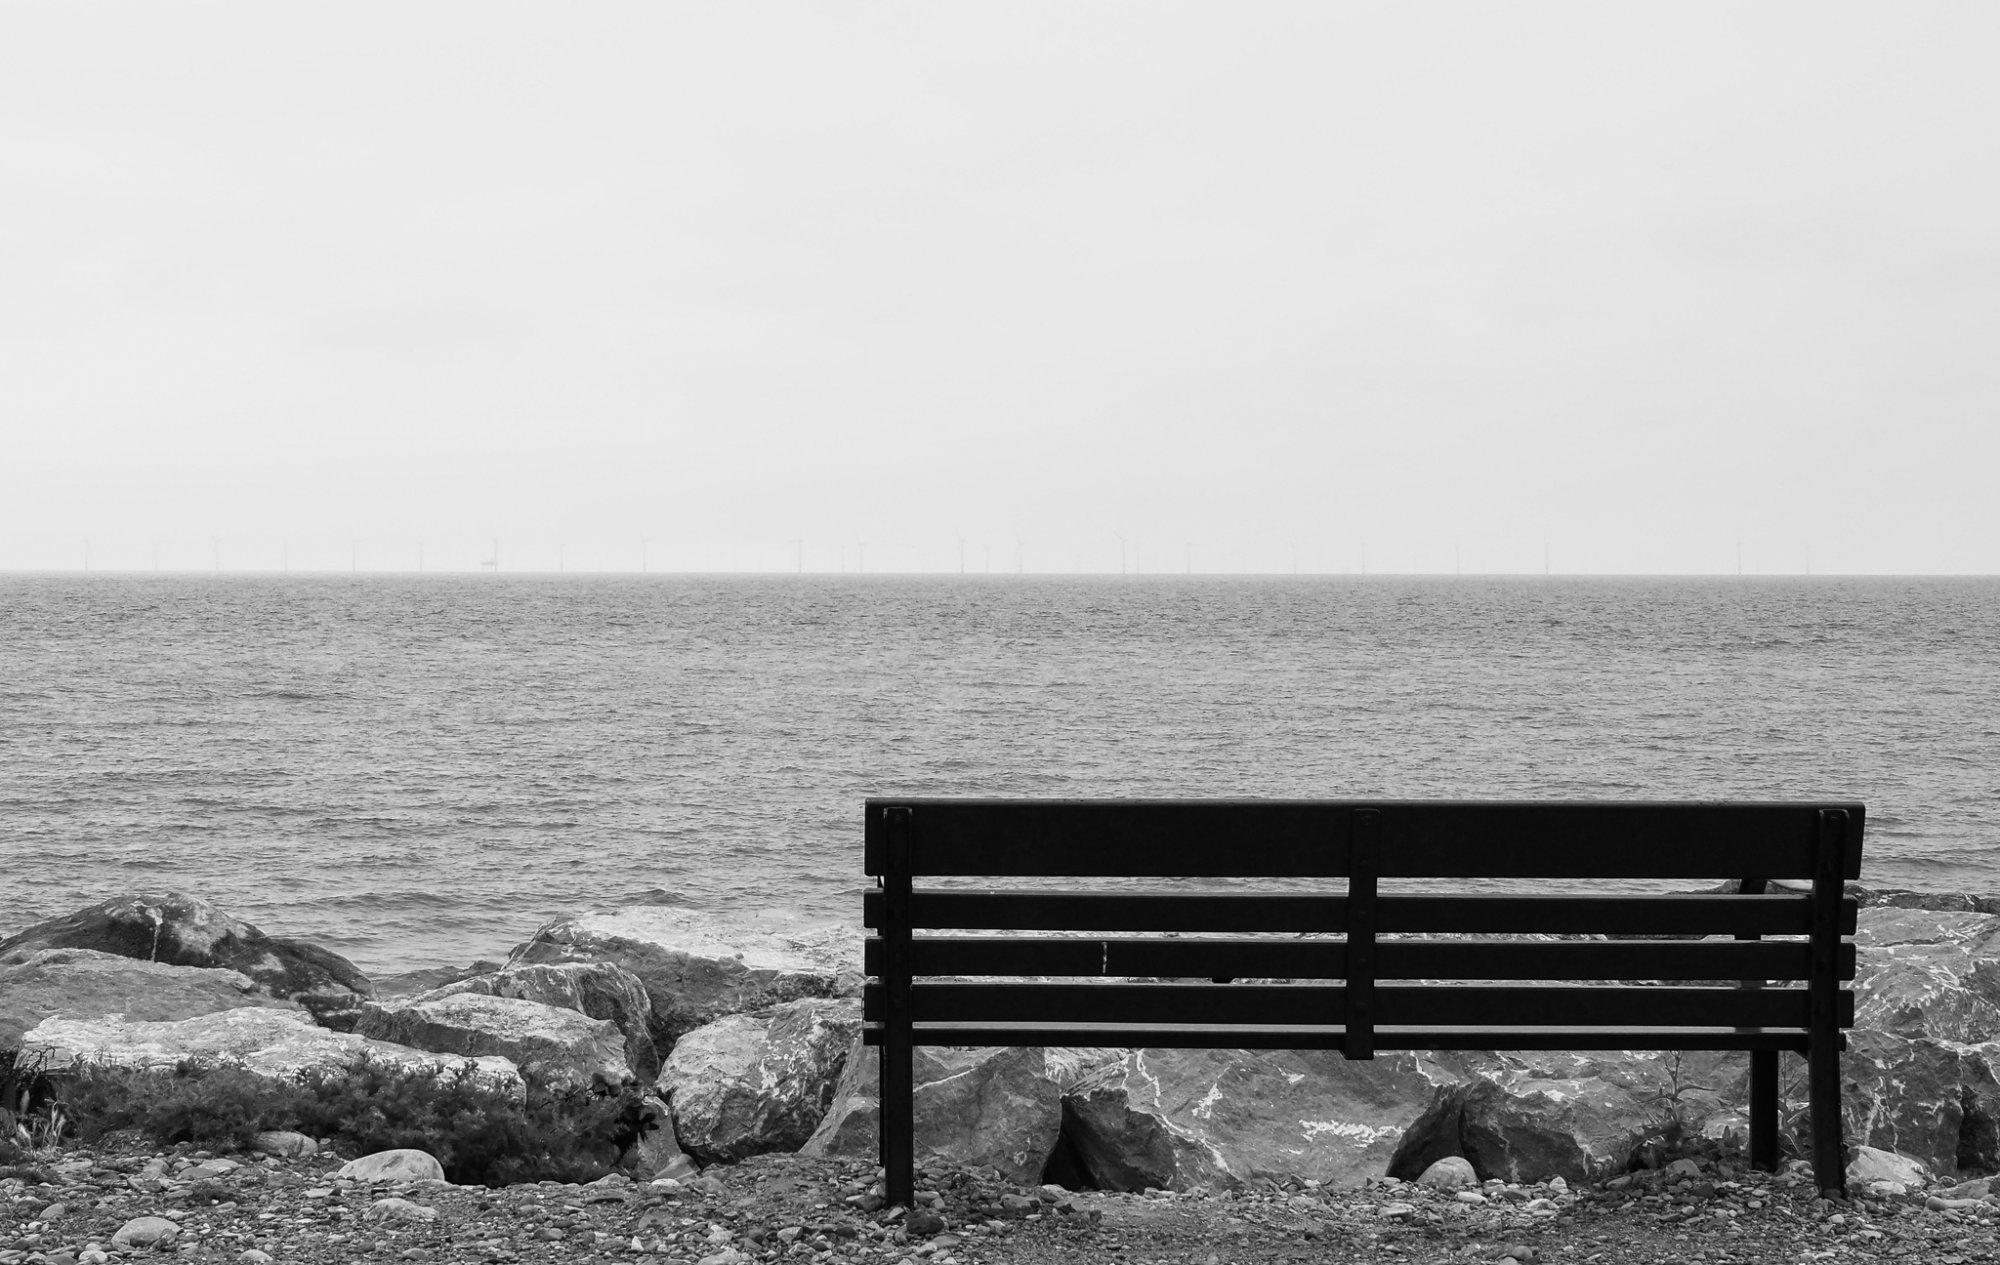 Seaside Bench, Llanddulas, Gogledd, Cymru